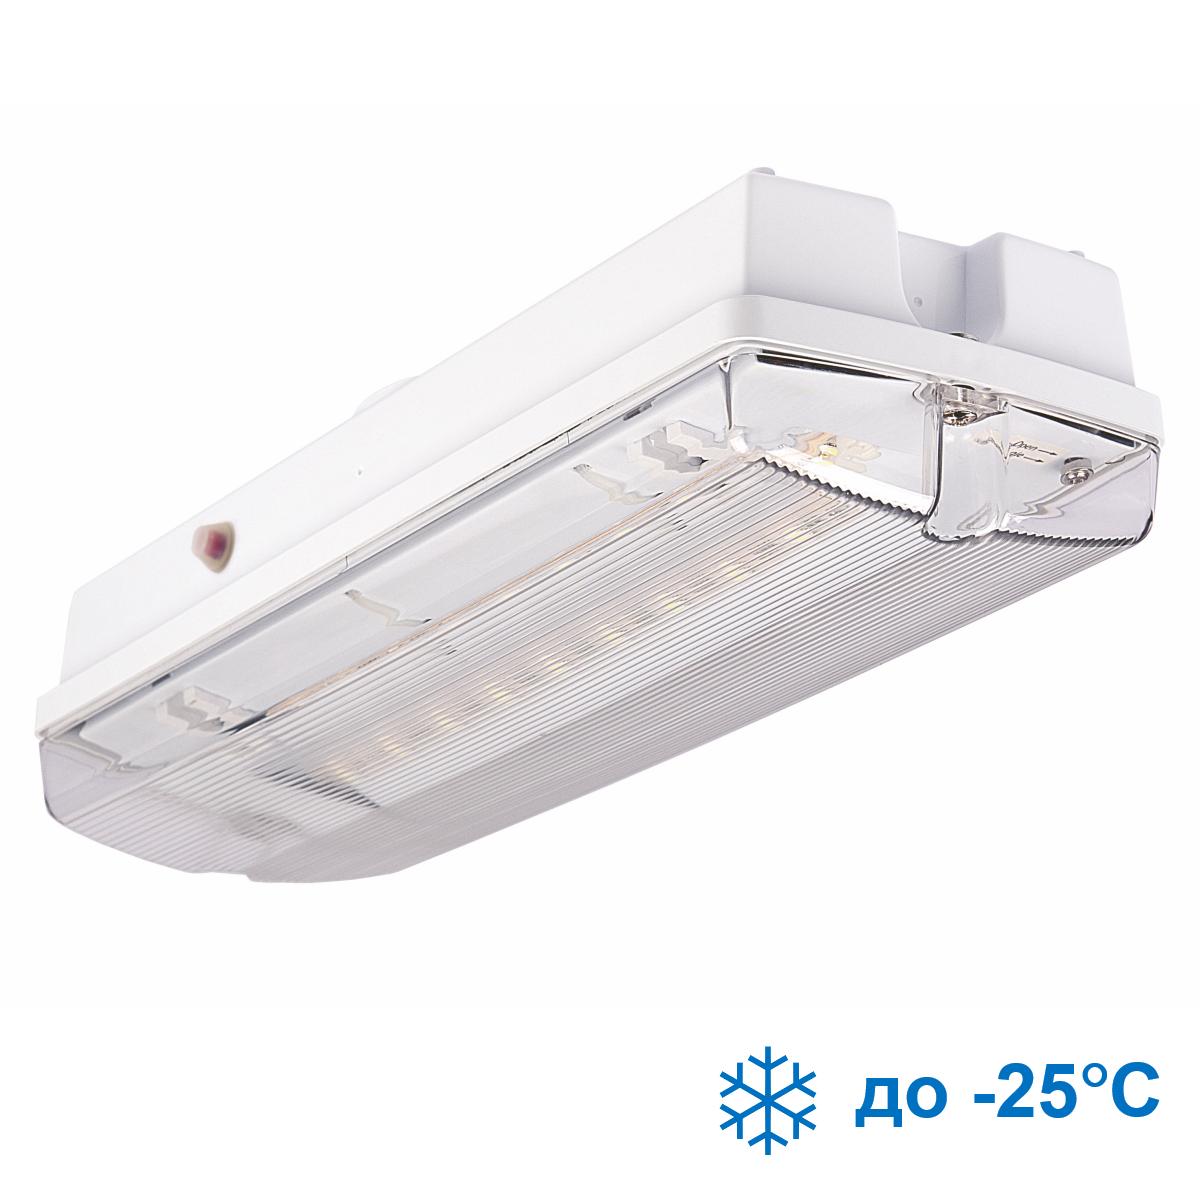 Аварийные светильники для холодных помещений Orion LED 100 LT IP65 Intelight